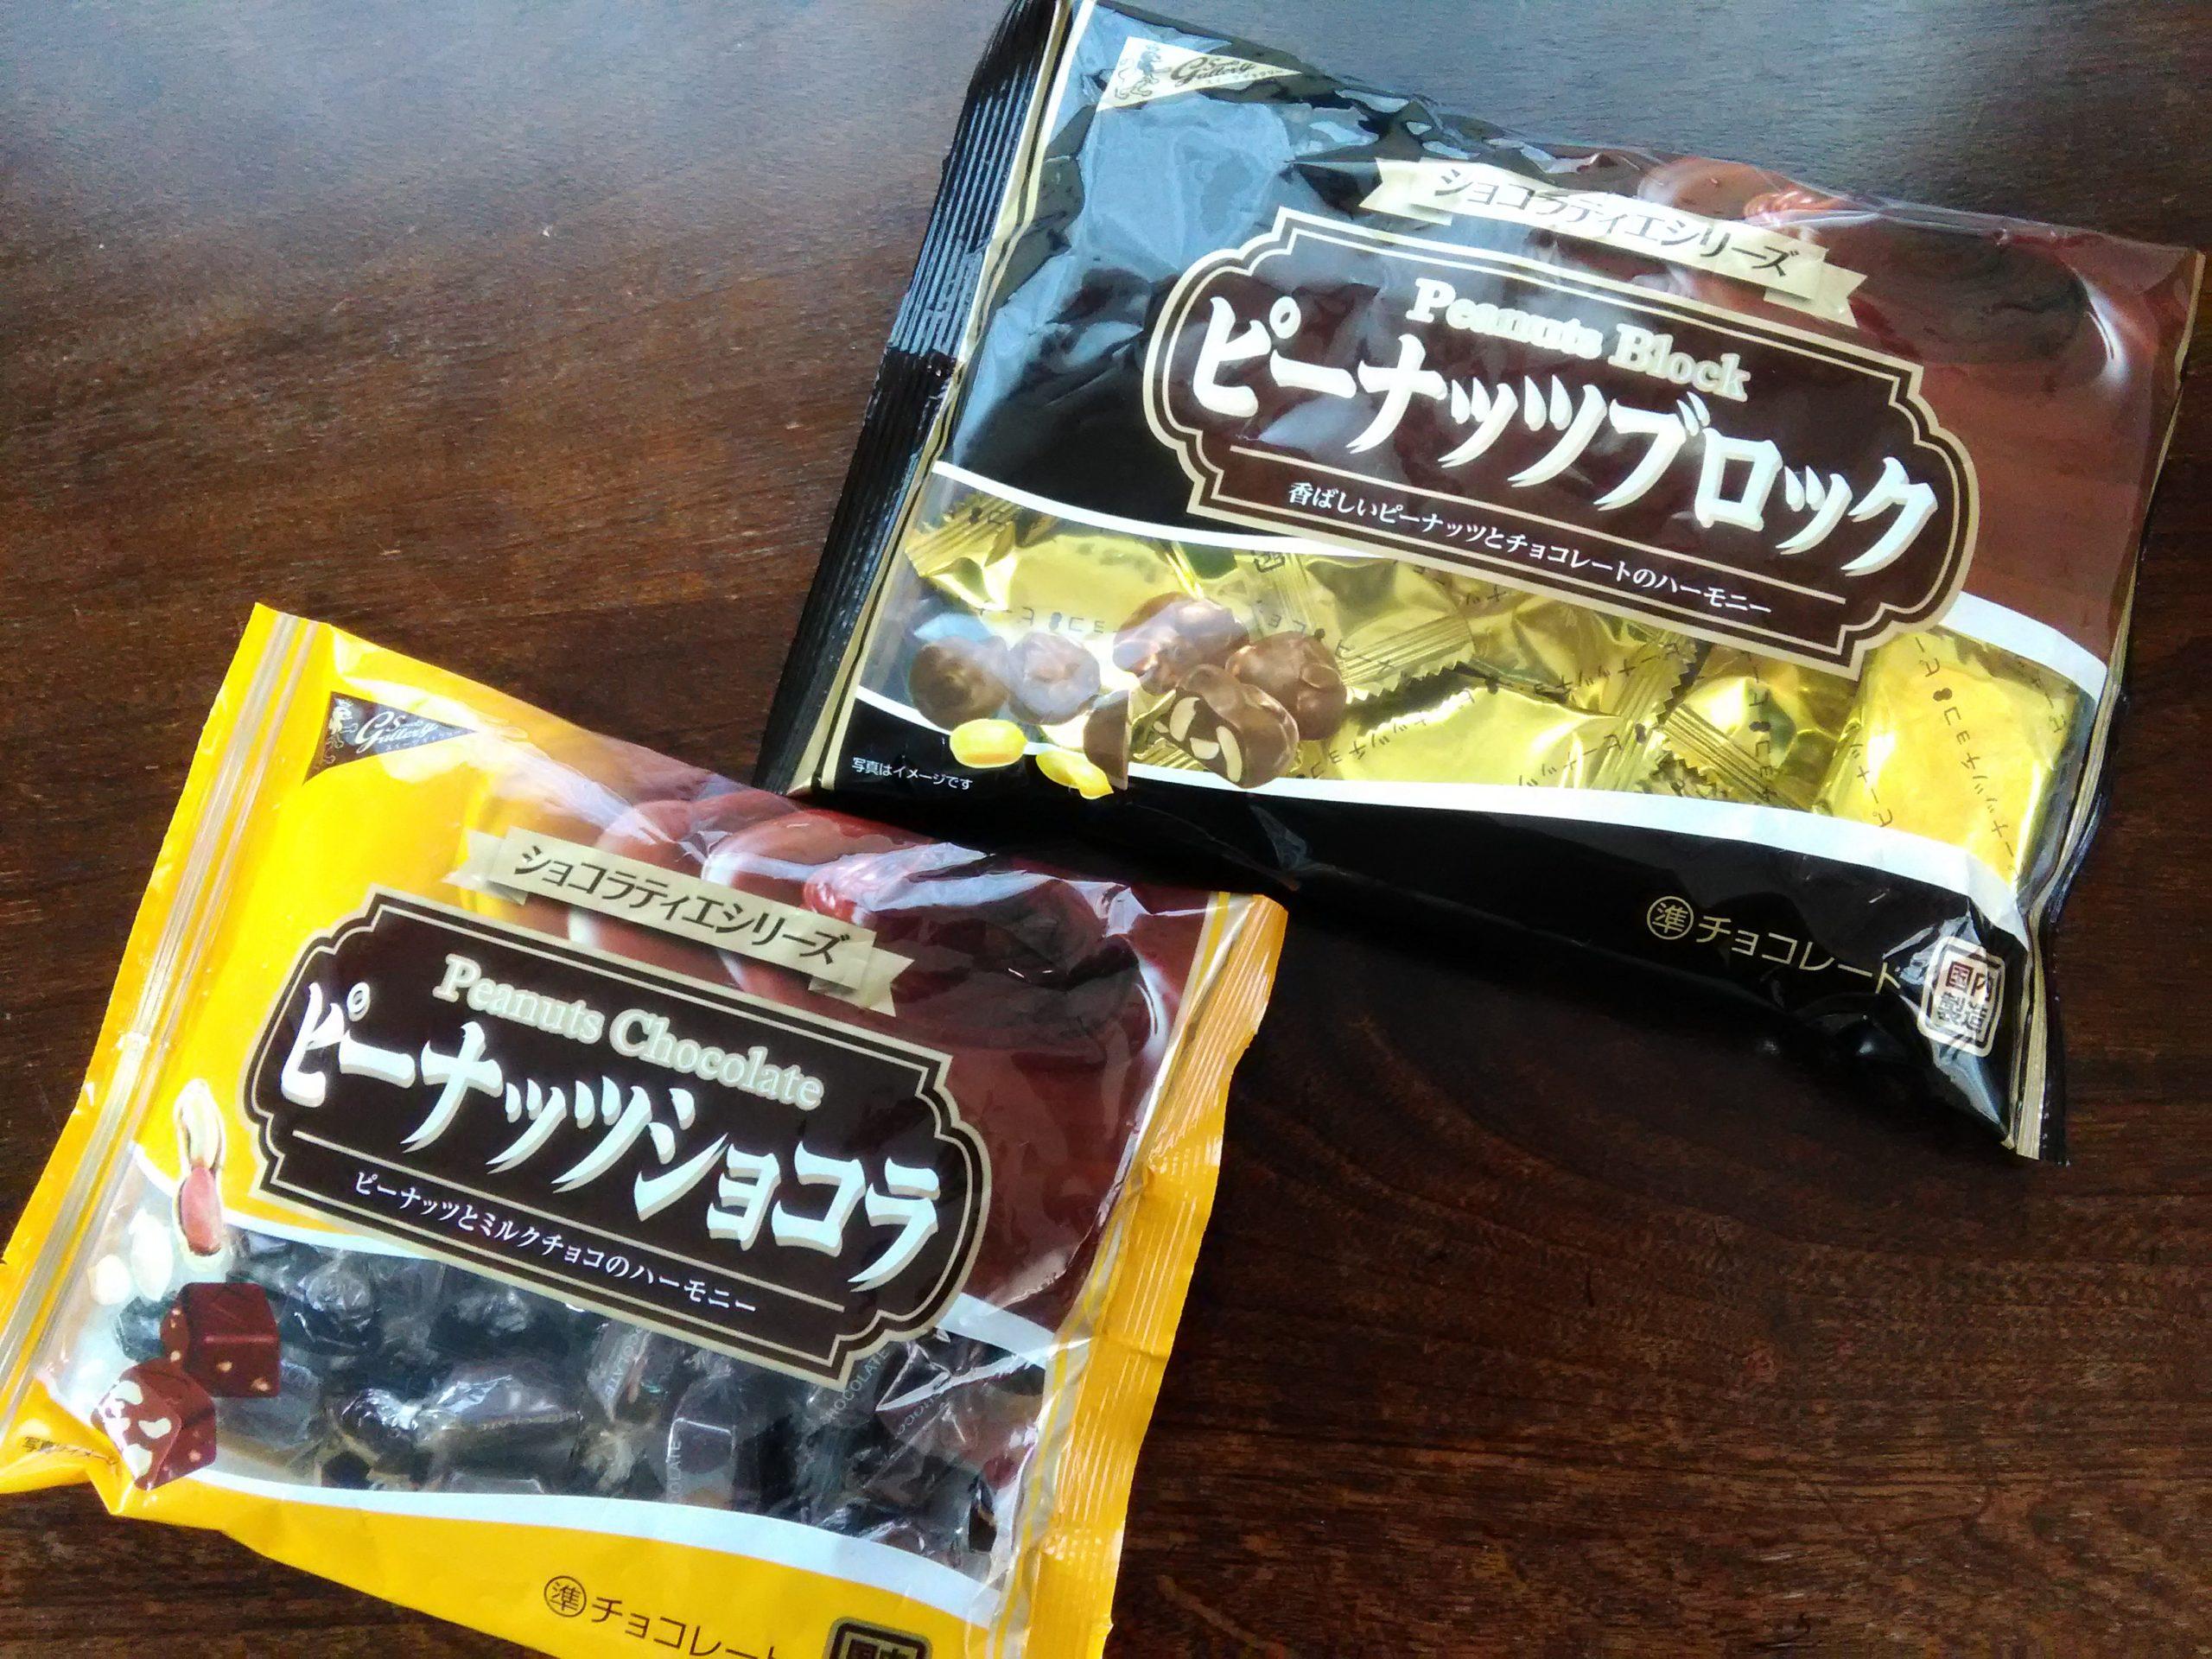 ゲンキーのおすすめチョコレート4-1